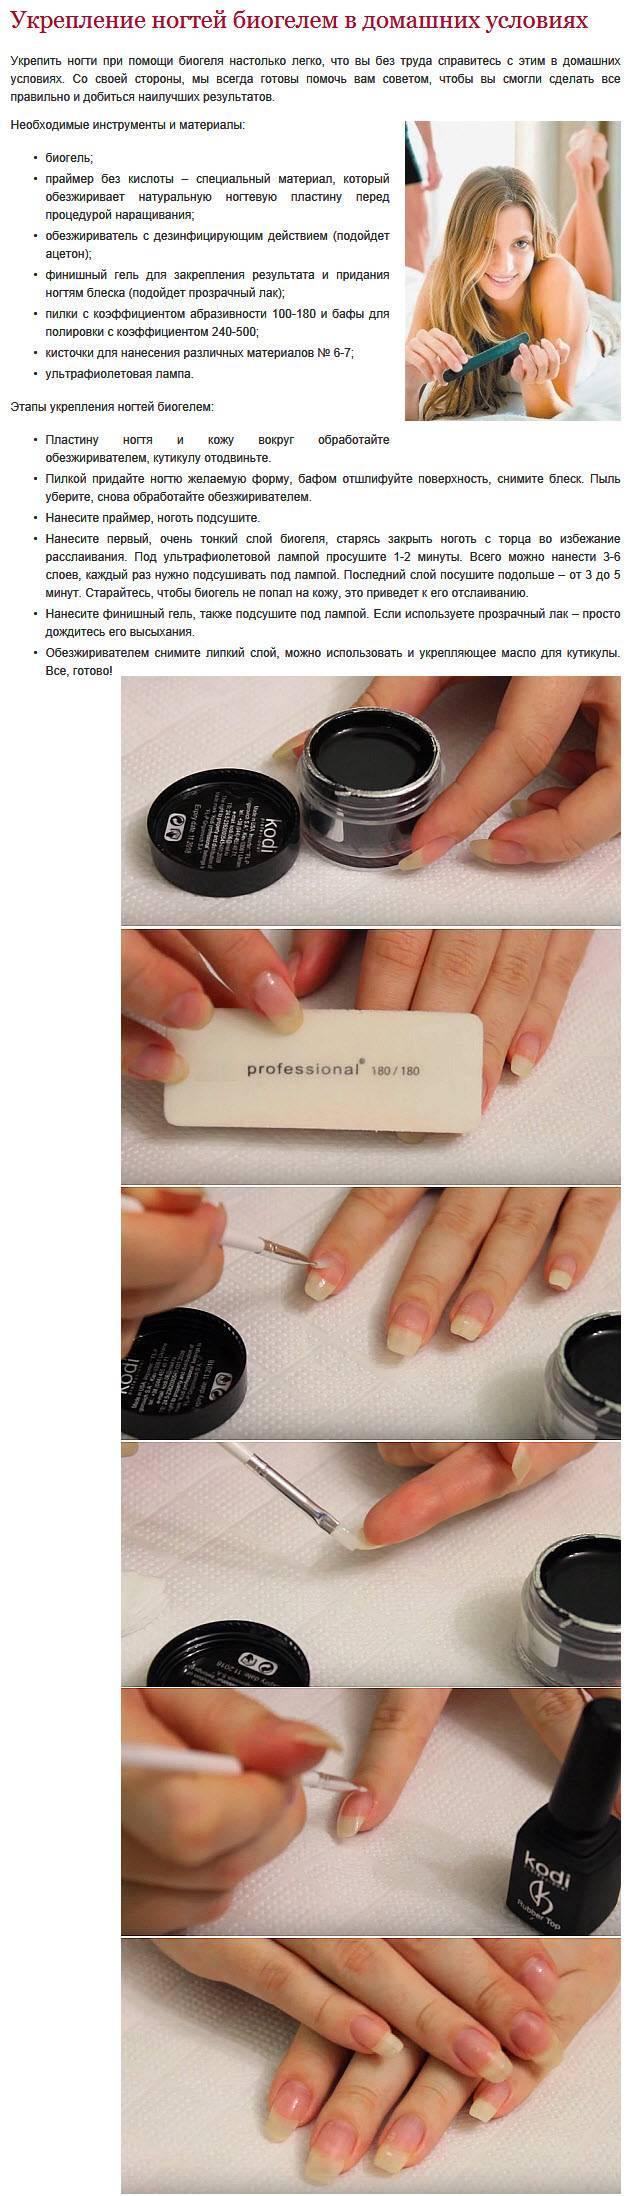 Укрепление ногтей акриловой пудрой — modnail.ru — красивый маникюр